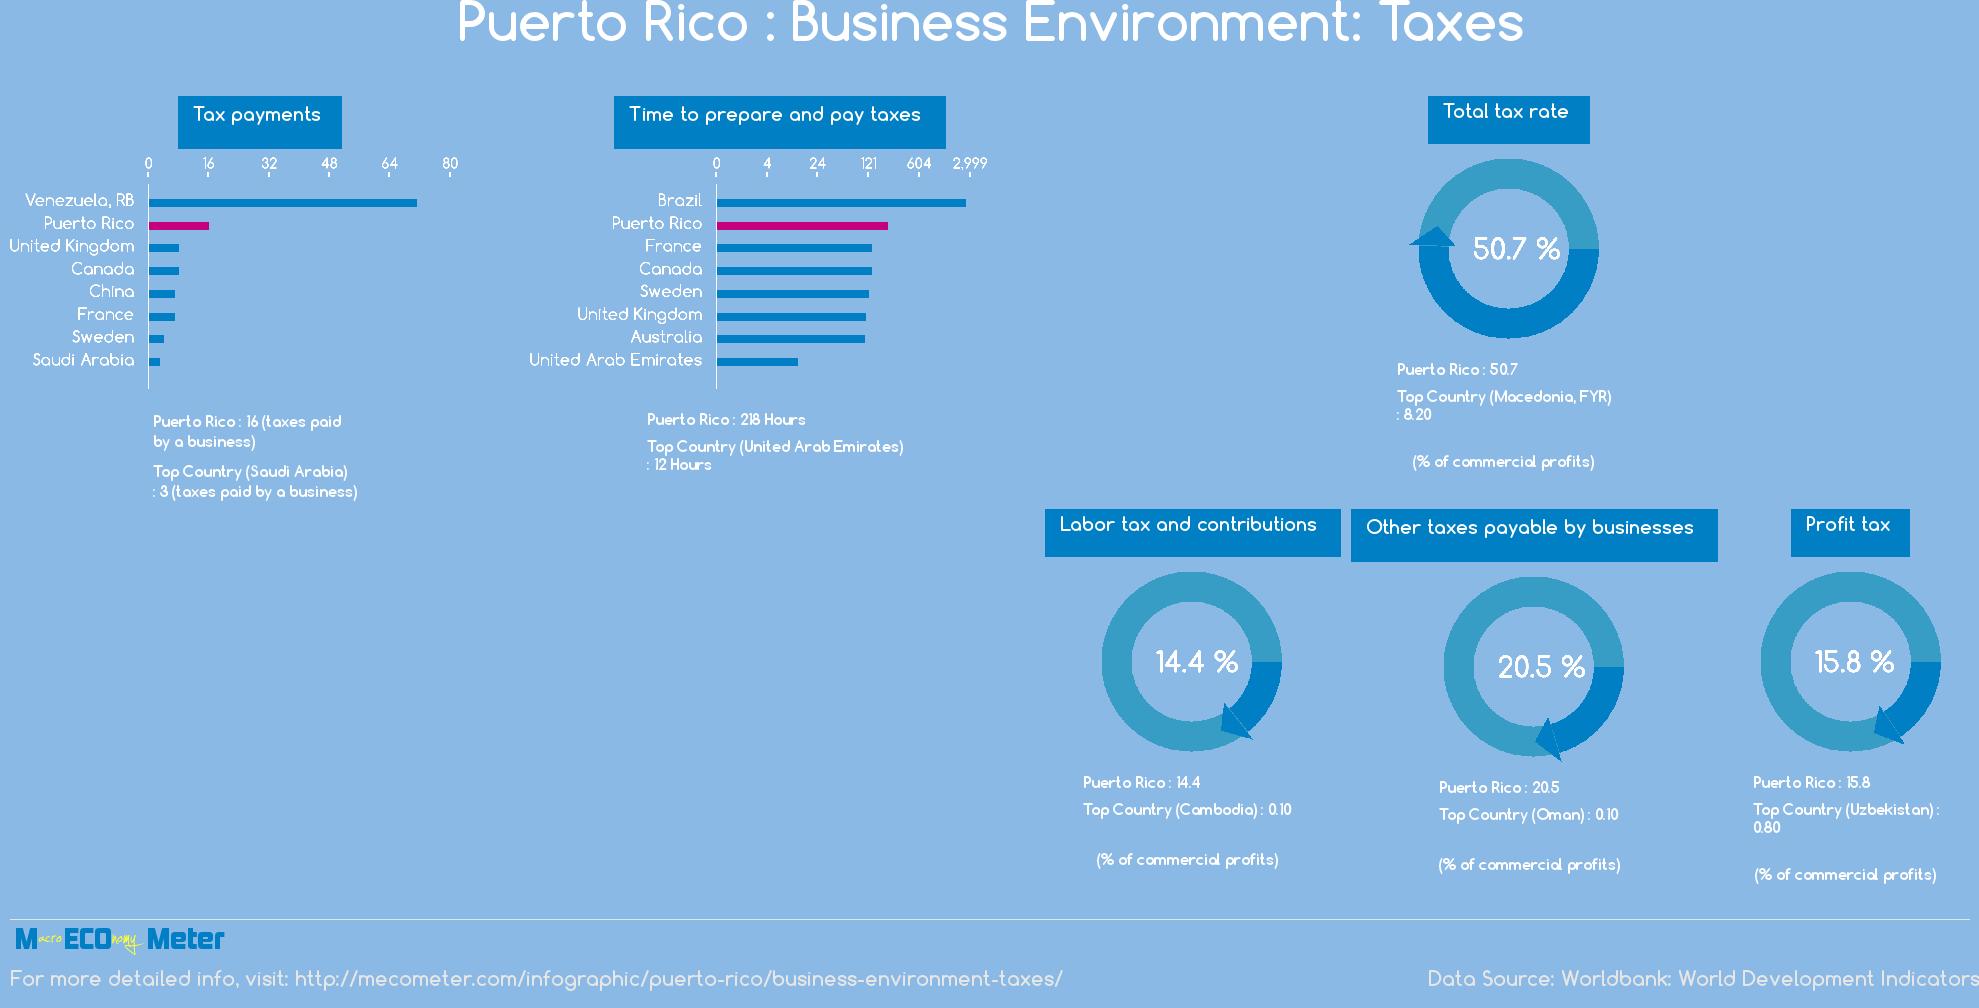 Puerto Rico : Business Environment: Taxes